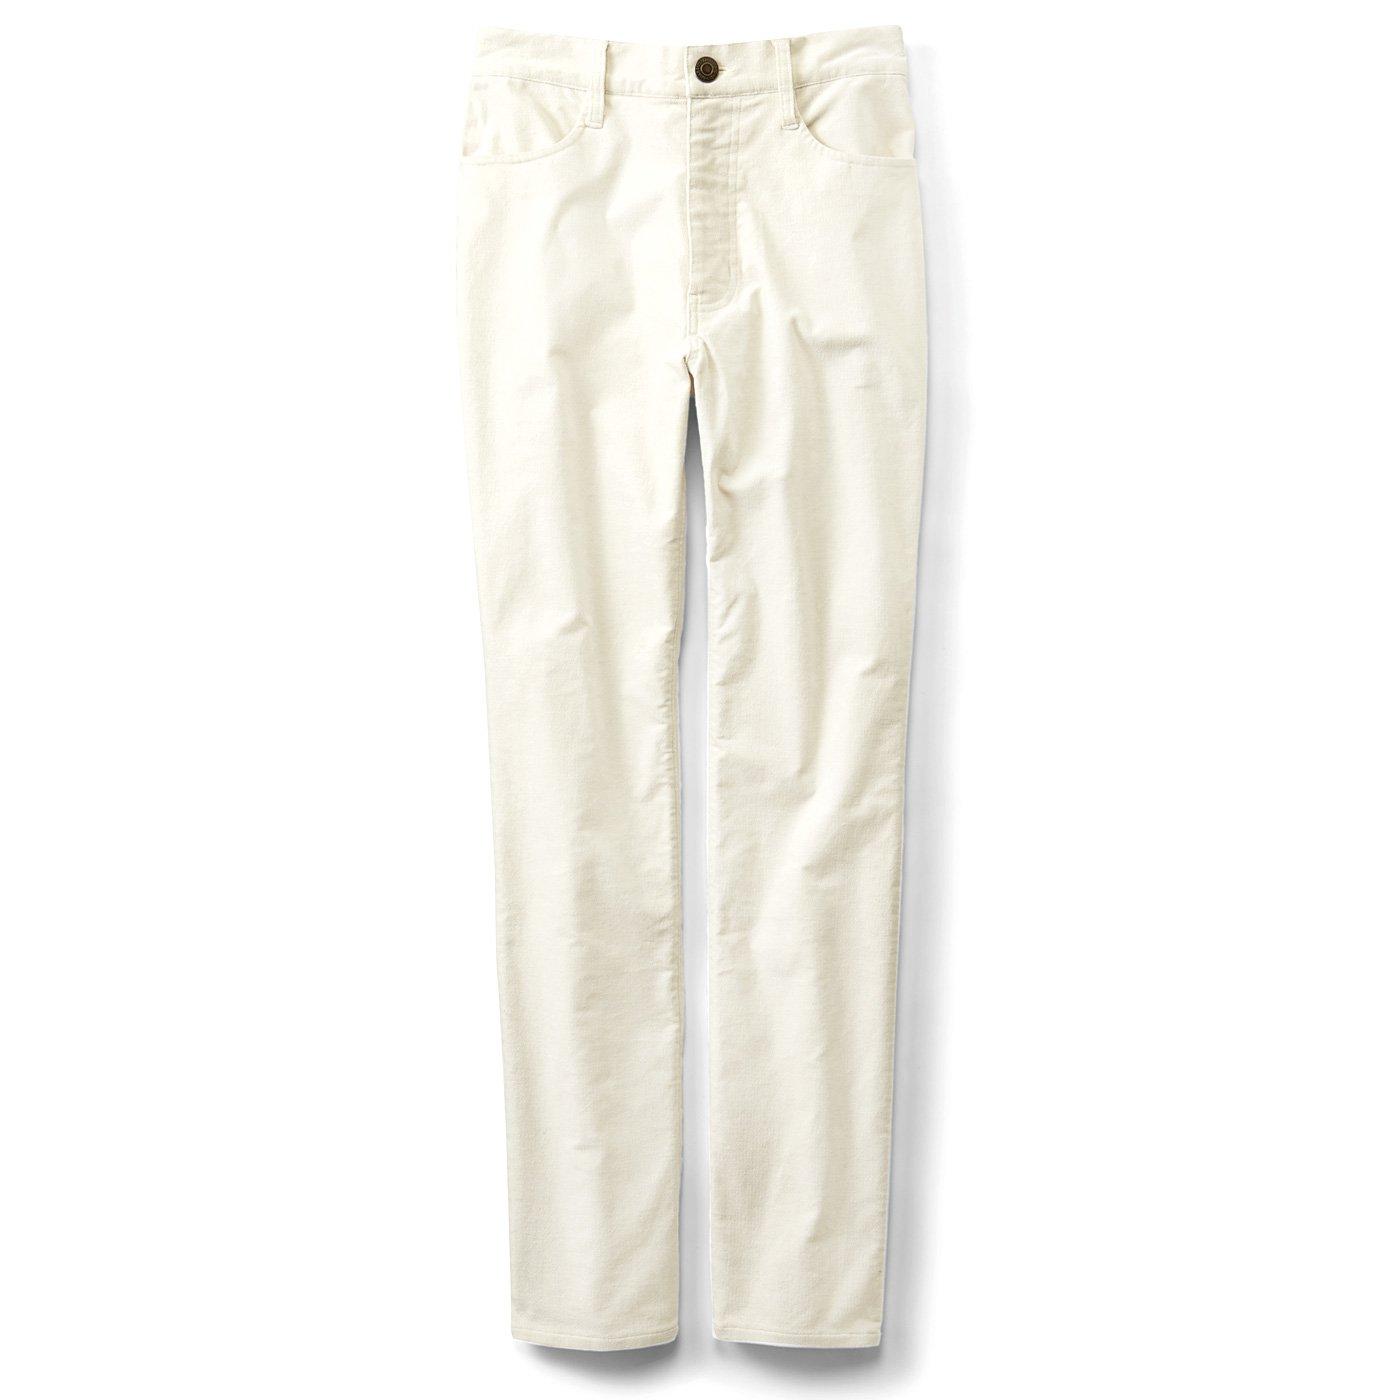 リブ イン コンフォート ダウンをはいて出かけよう! 後ろダウン仕様の暖か別珍パンツ〈ホワイト〉